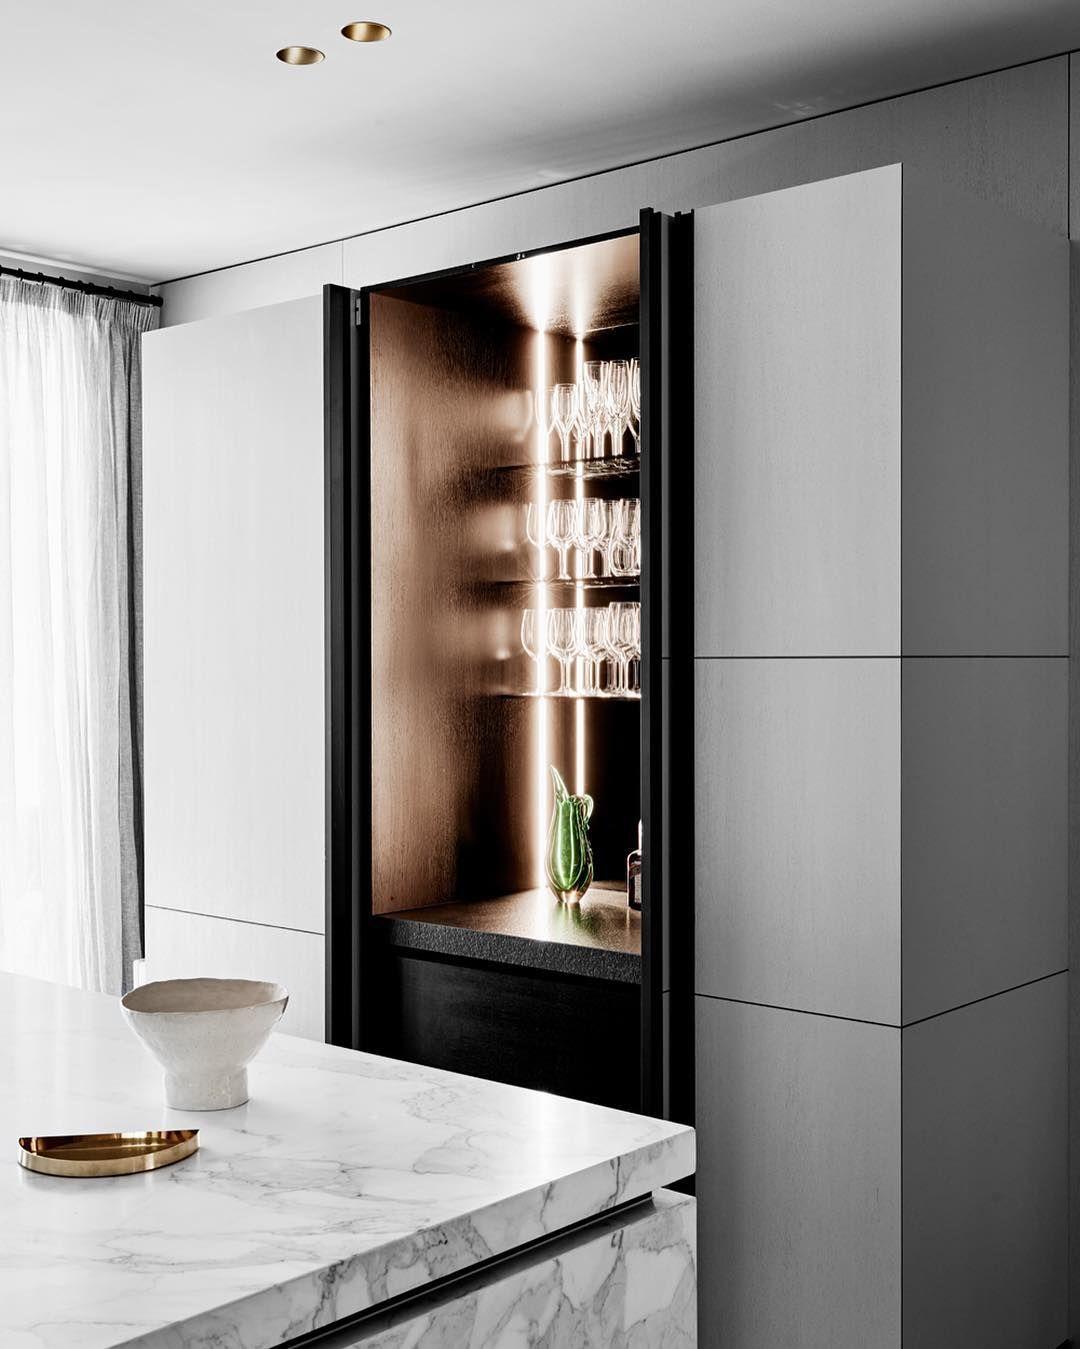 pingl par quentin r sur retail pinterest salon salle et design. Black Bedroom Furniture Sets. Home Design Ideas